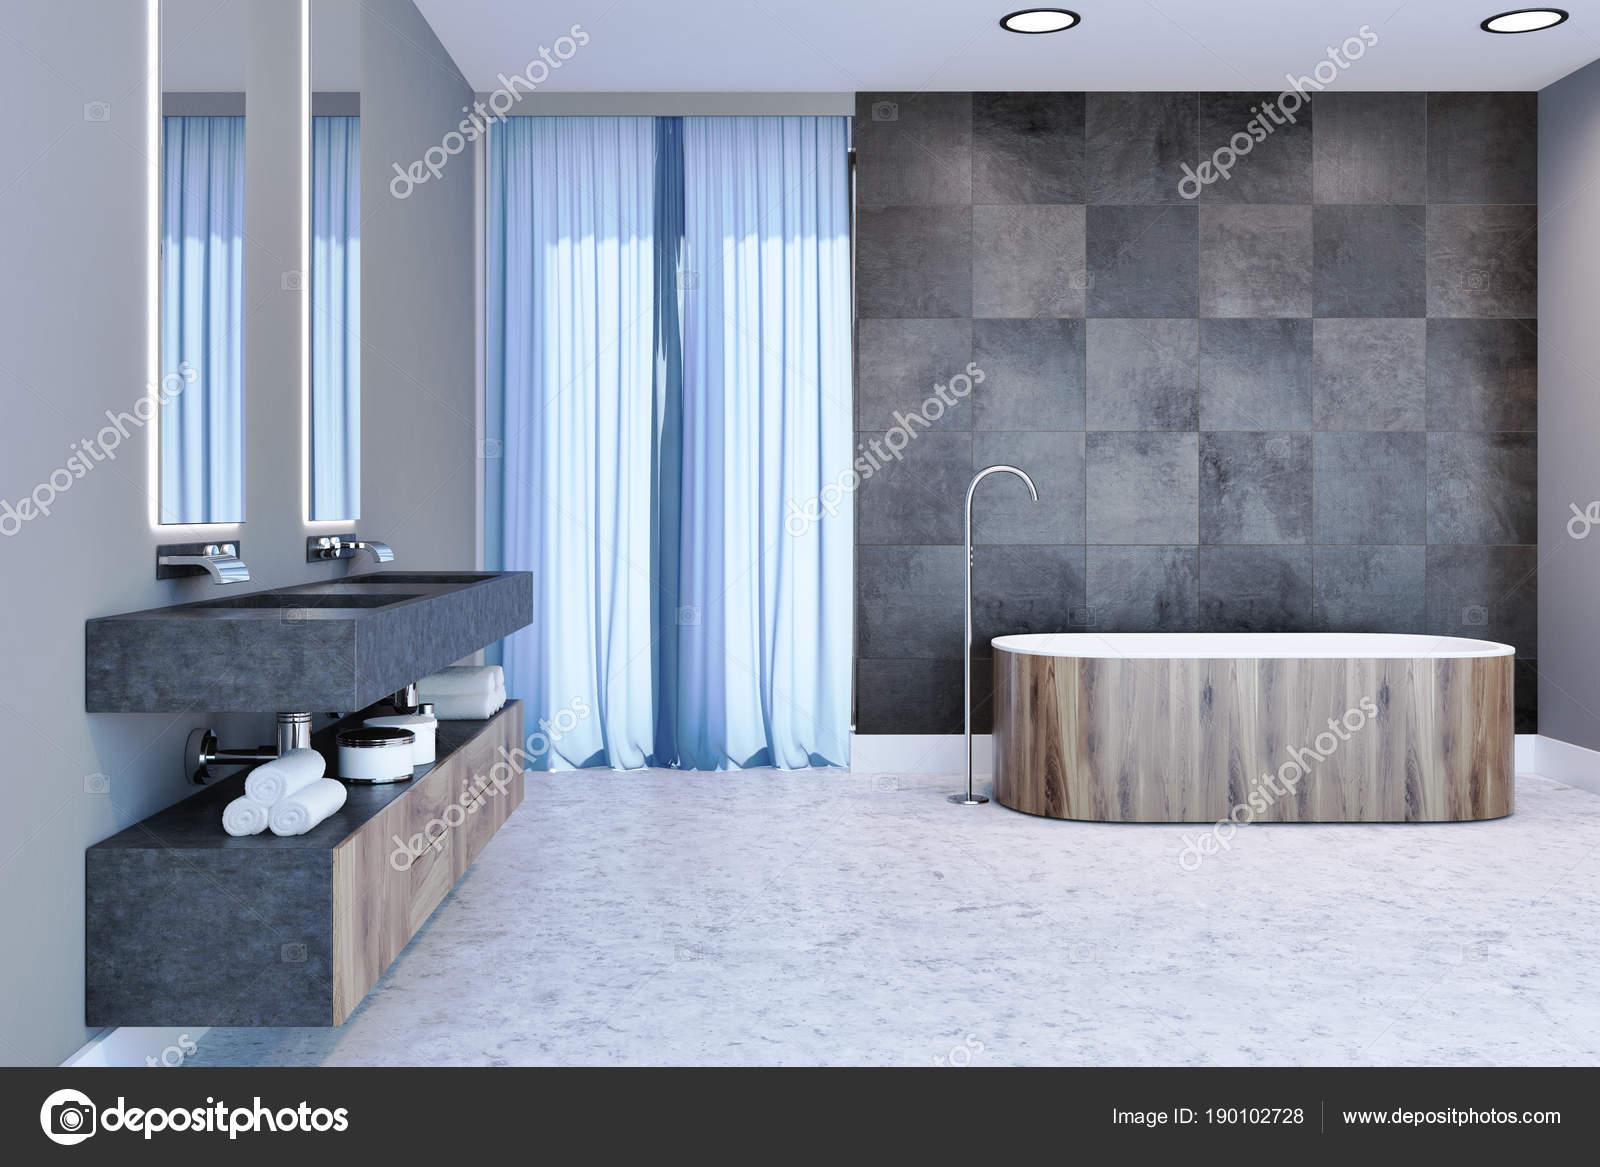 Vasca di bagno moderno grigio interni in legno u foto stock